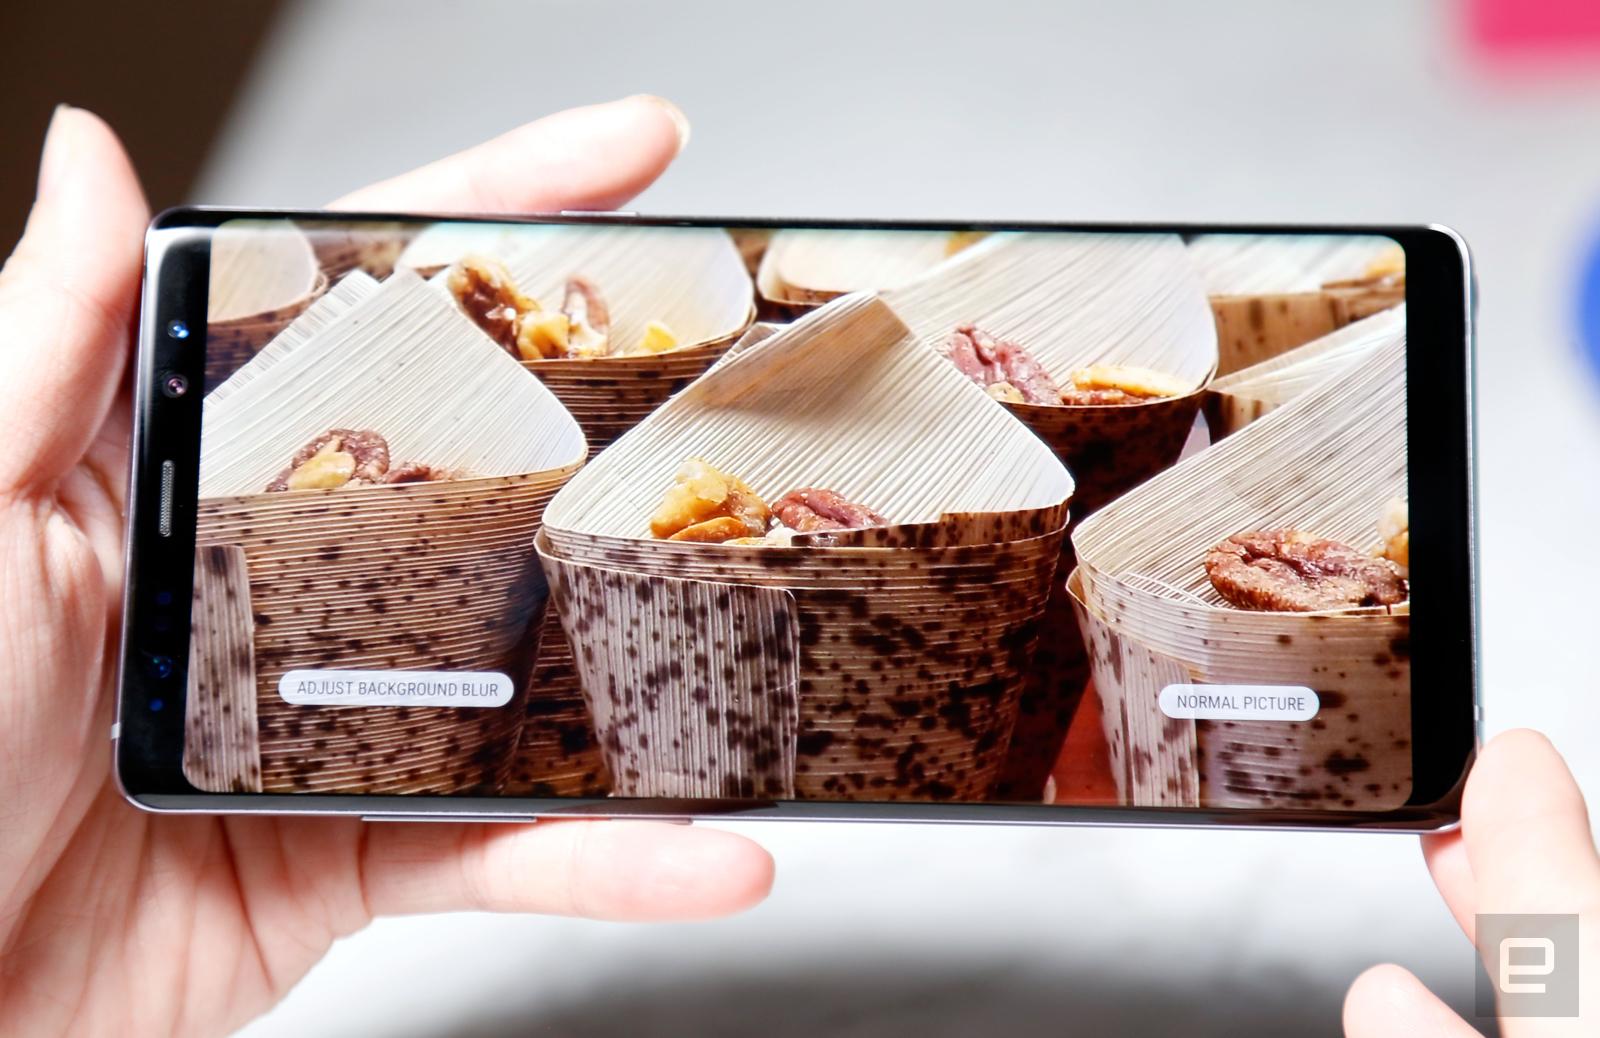 恩贝智能 三星 Galaxy Note 8 国行价格:6,988 元起 Via Engadget 中国版